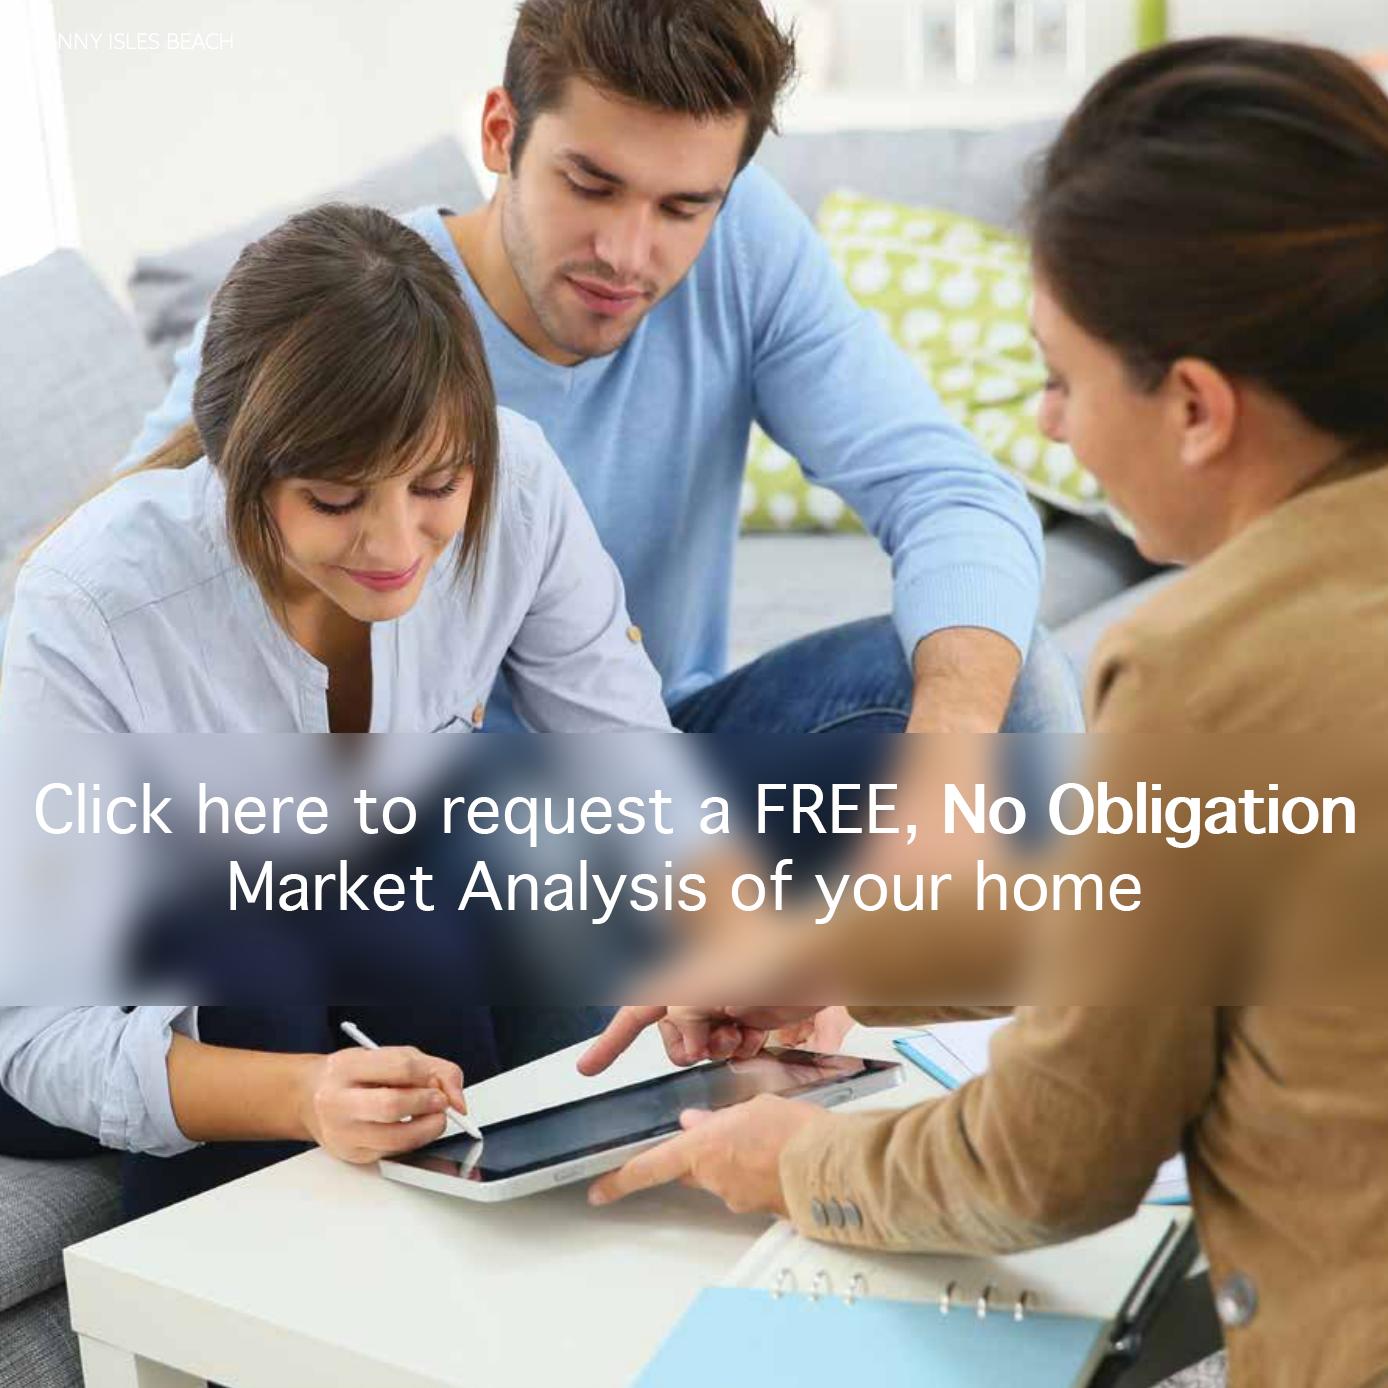 Market Eval image